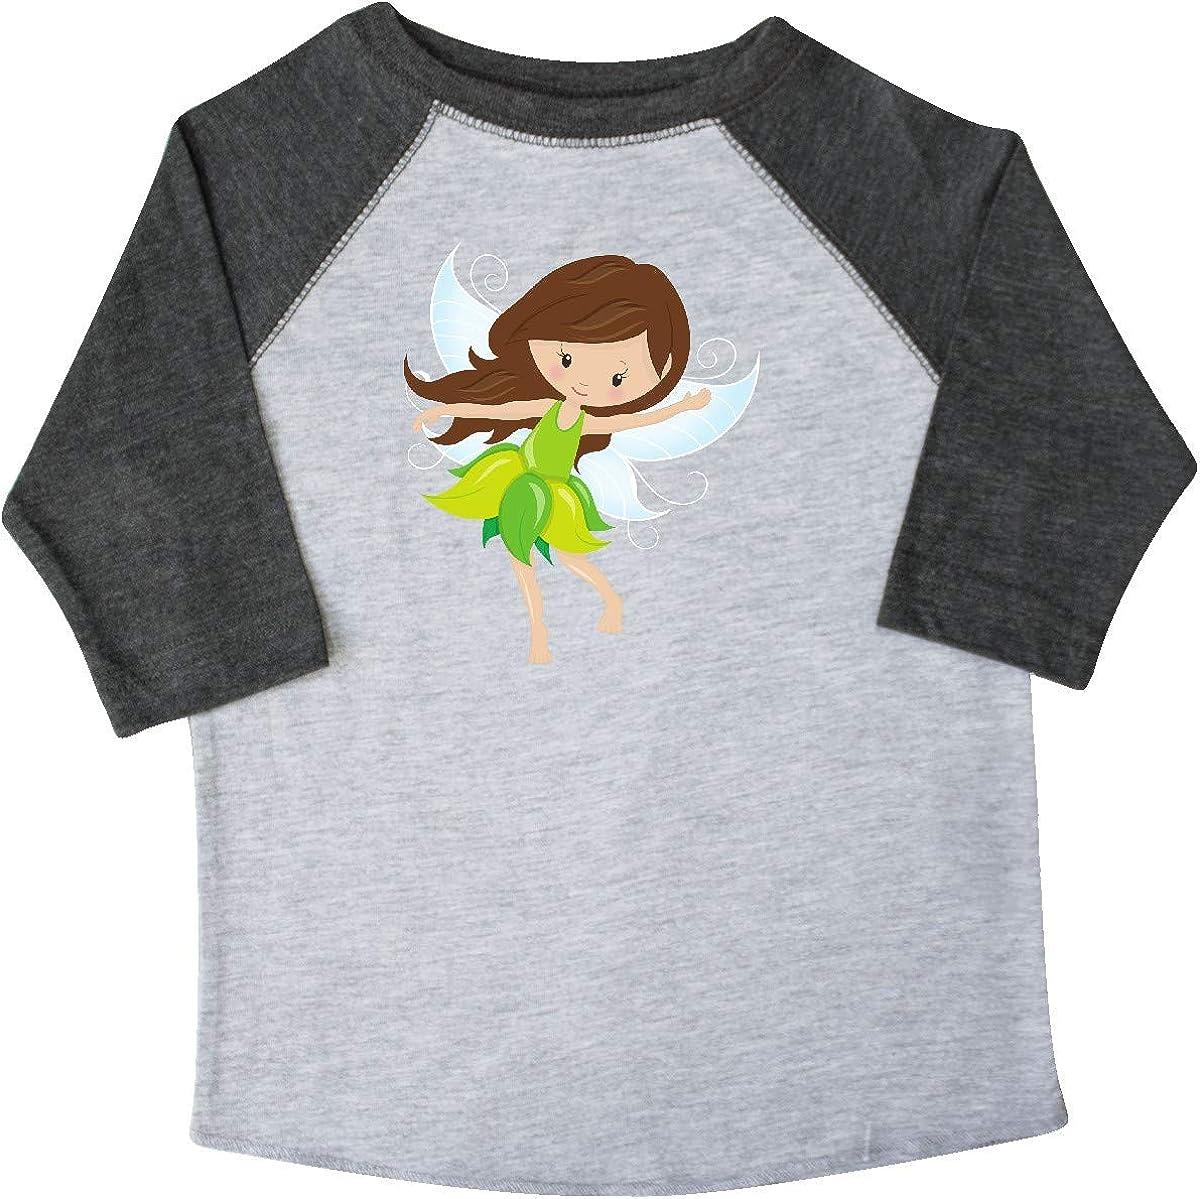 Brown Hair Fairy in Blue Dress Toddler T-Shirt inktastic Cute Fairy